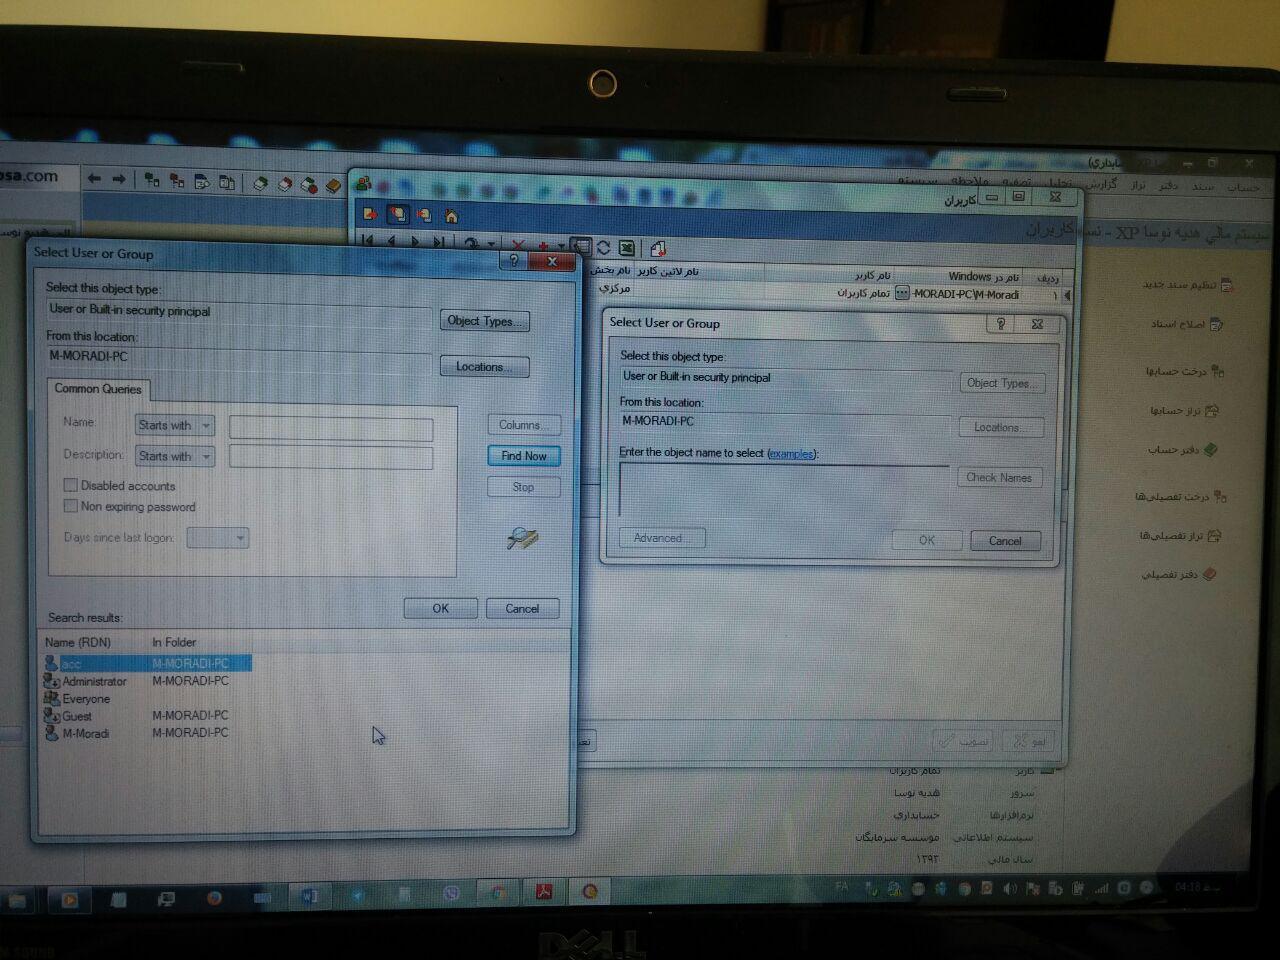 راهنمای تنظیم کاربری سیستم نوسا برای صدور سند حسابداری